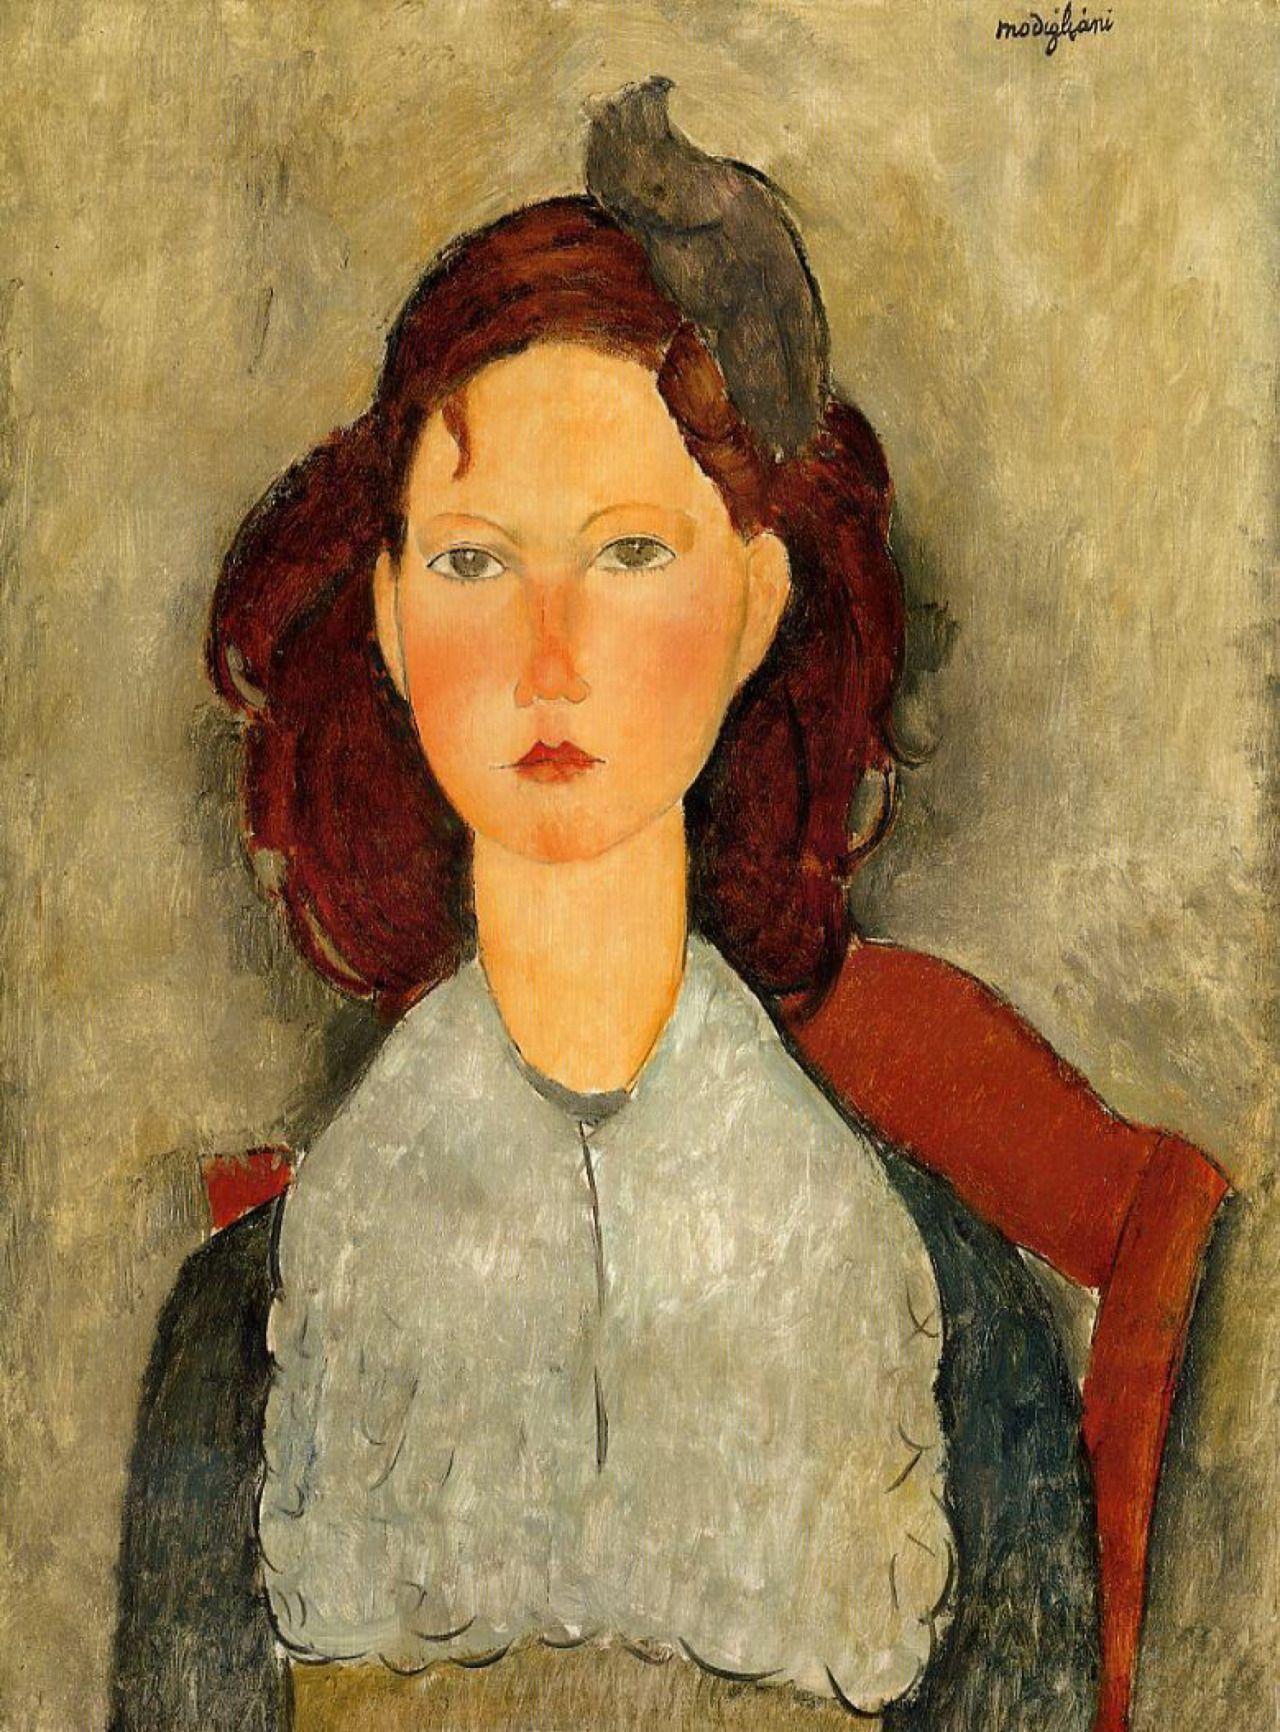 Épinglé par Jenny sur La Muse et la Galerie | Modigliani, Amédéo modigliani  et Modigliani portraits